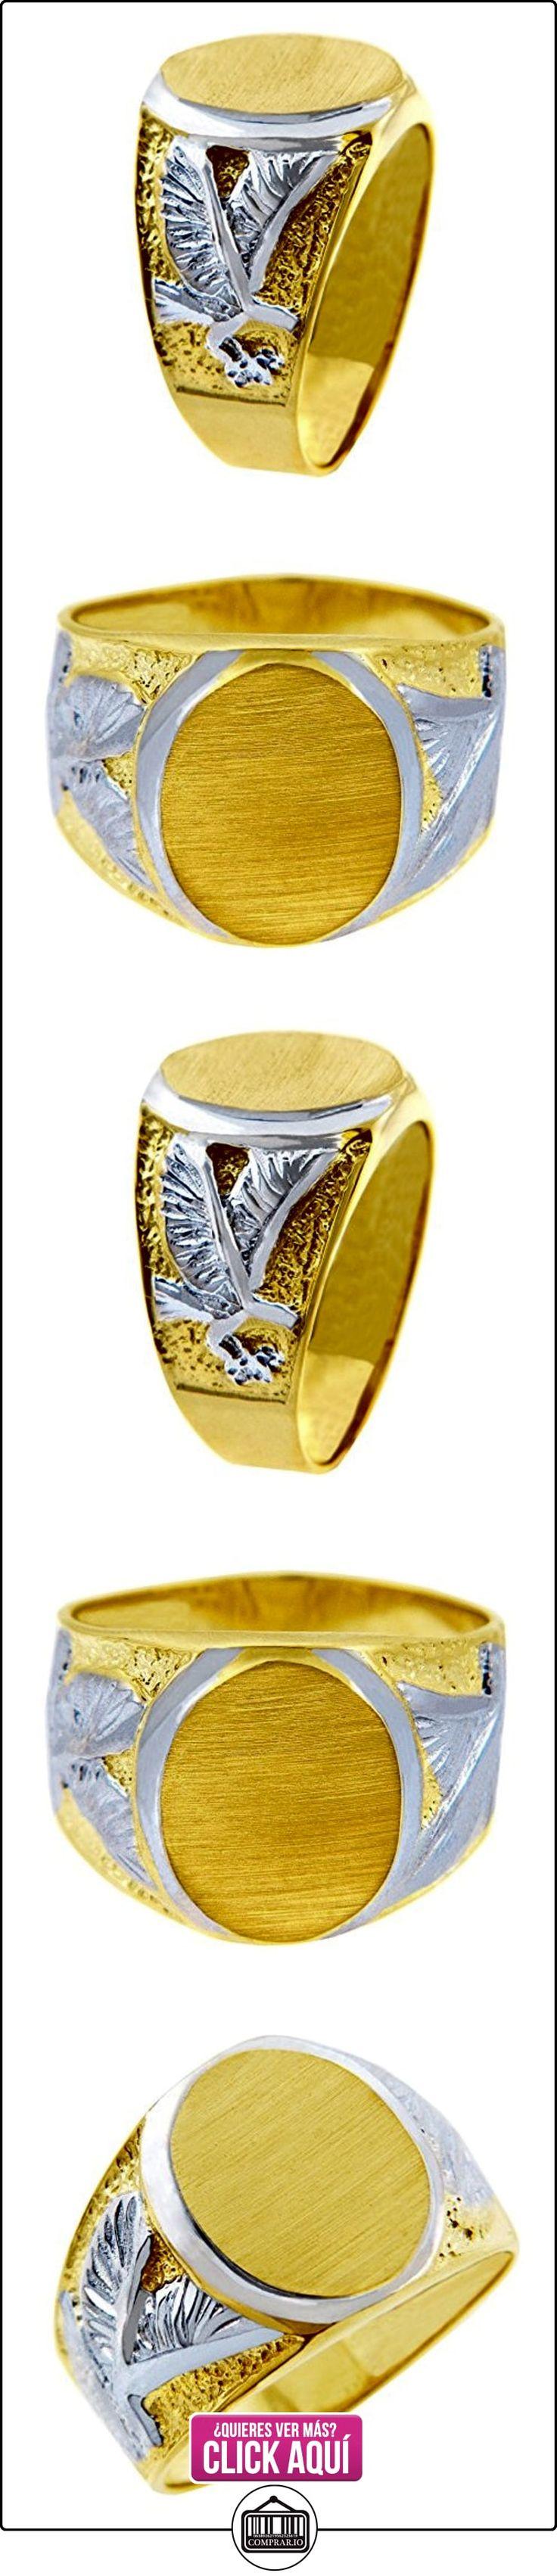 Pequeños Tesoros - Anillos Hombres Alianza De Boda 10 Kt Oro 471/1000 Sortija De Sello - Blanco Águila 2 Colores Oro  ✿ Joyas para hombres especiales - lujo ✿ ▬► Ver oferta: http://comprar.io/goto/B012781YS4